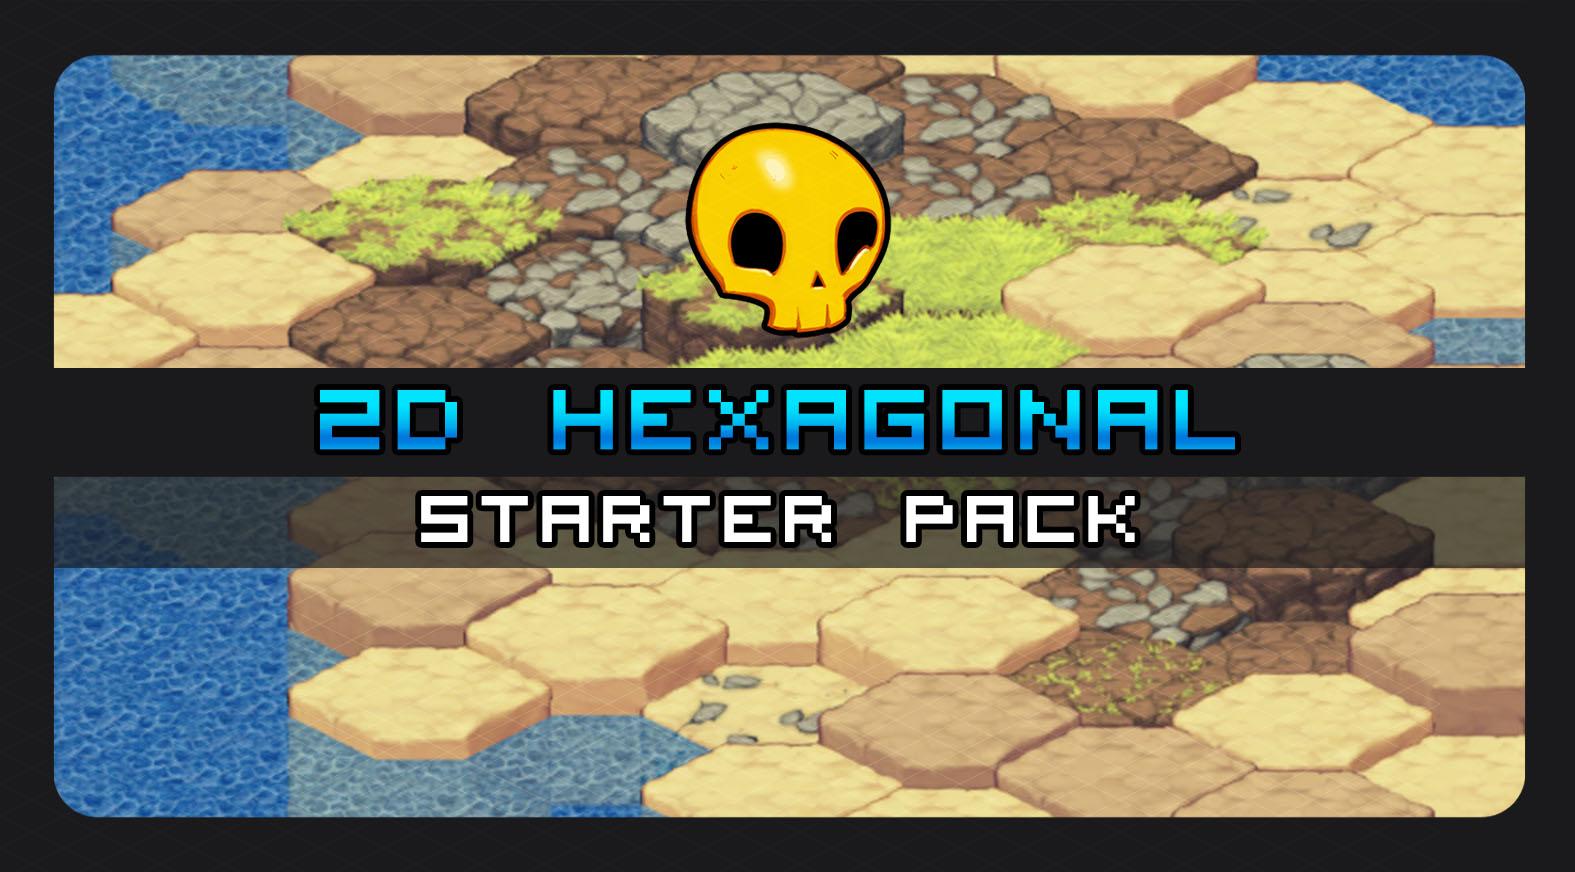 2D Hexagonal Tile Starter Pack